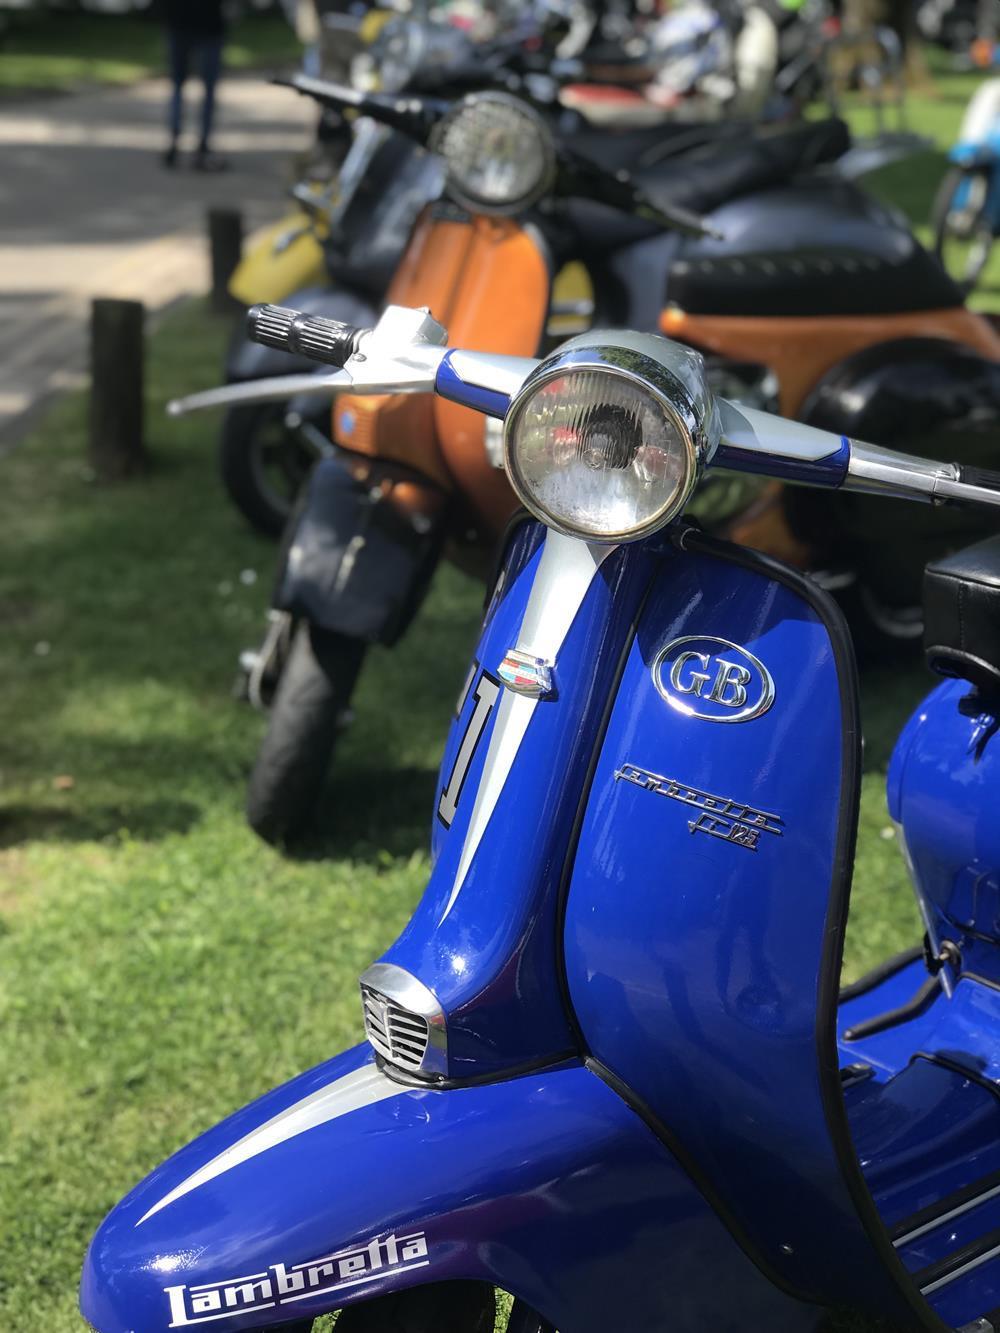 Blue Lambretta